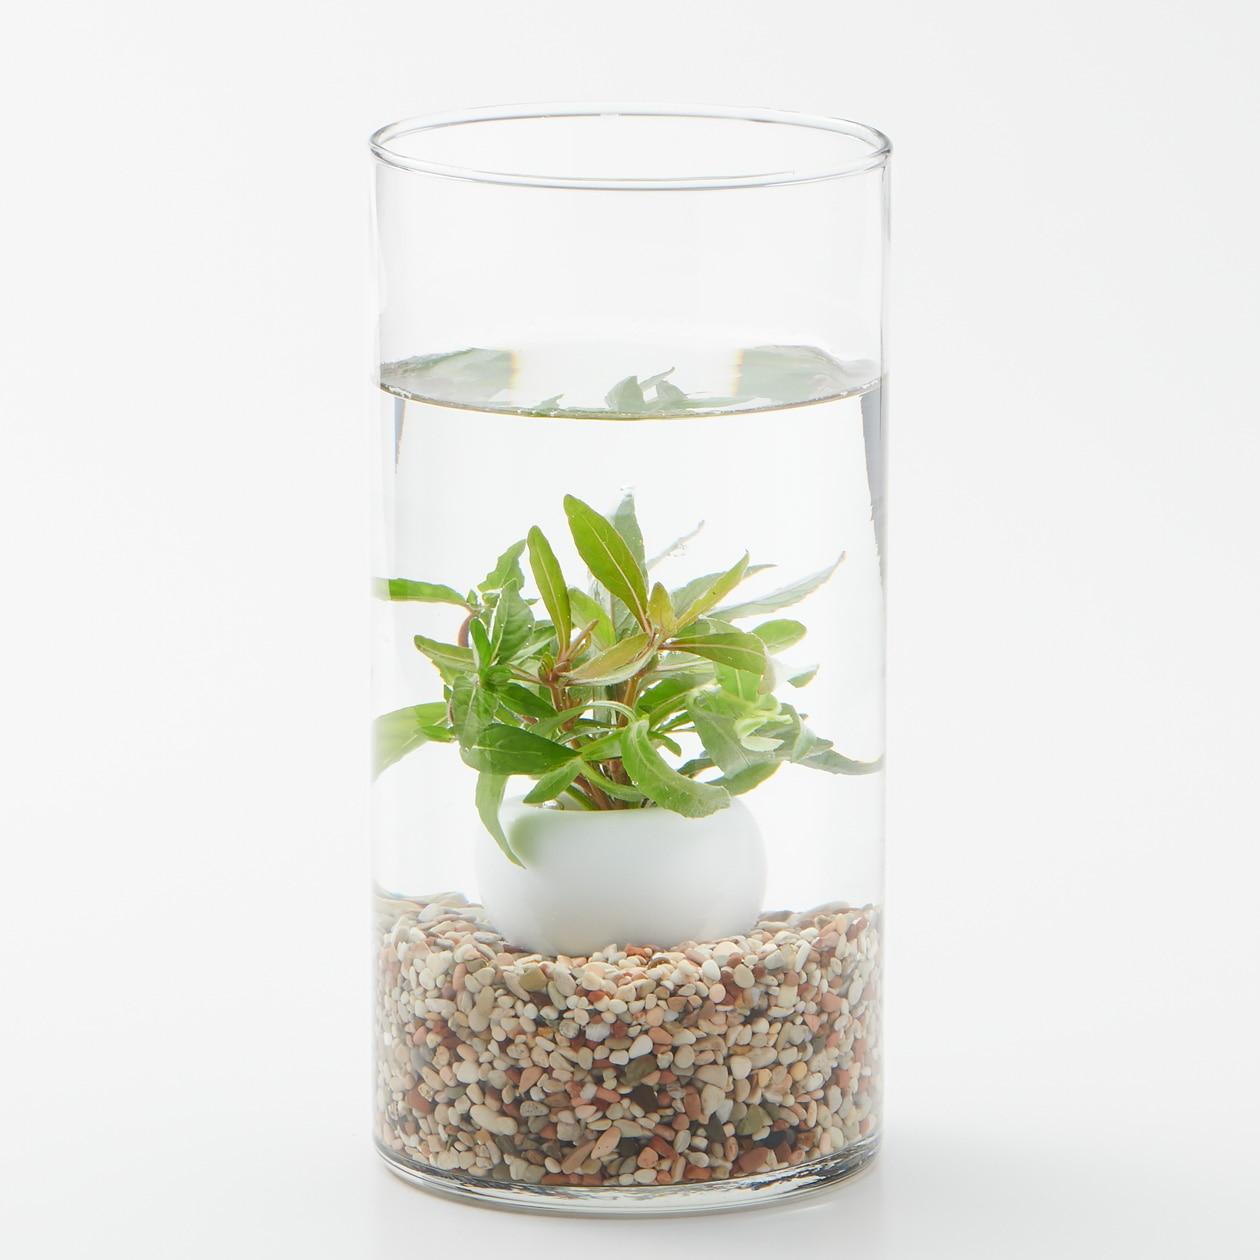 【ネット限定】水中の植物とガラスベースセット ハイグロミックス